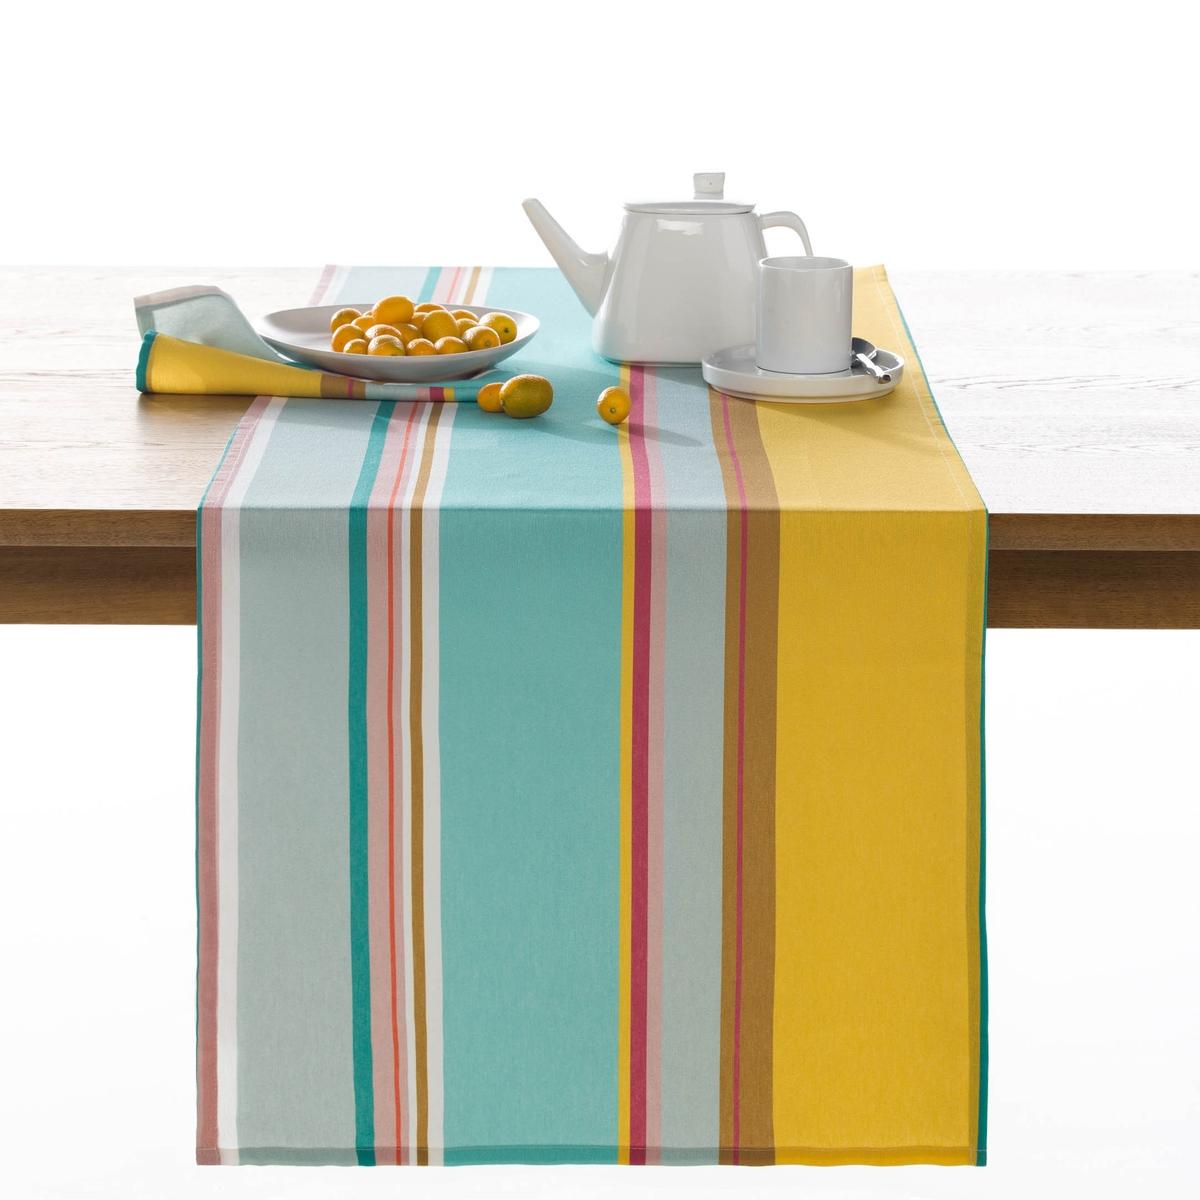 Дорожка столовая в полоску, AlicanteХарактеристики столовой дорожки :70% хлопка, 30% полиэстера.Размеры столовой дорожки :45 x 150 смУход :Машинная стирка при 60 °С.Возможна машинная сушка.<br><br>Цвет: желтый/ синий